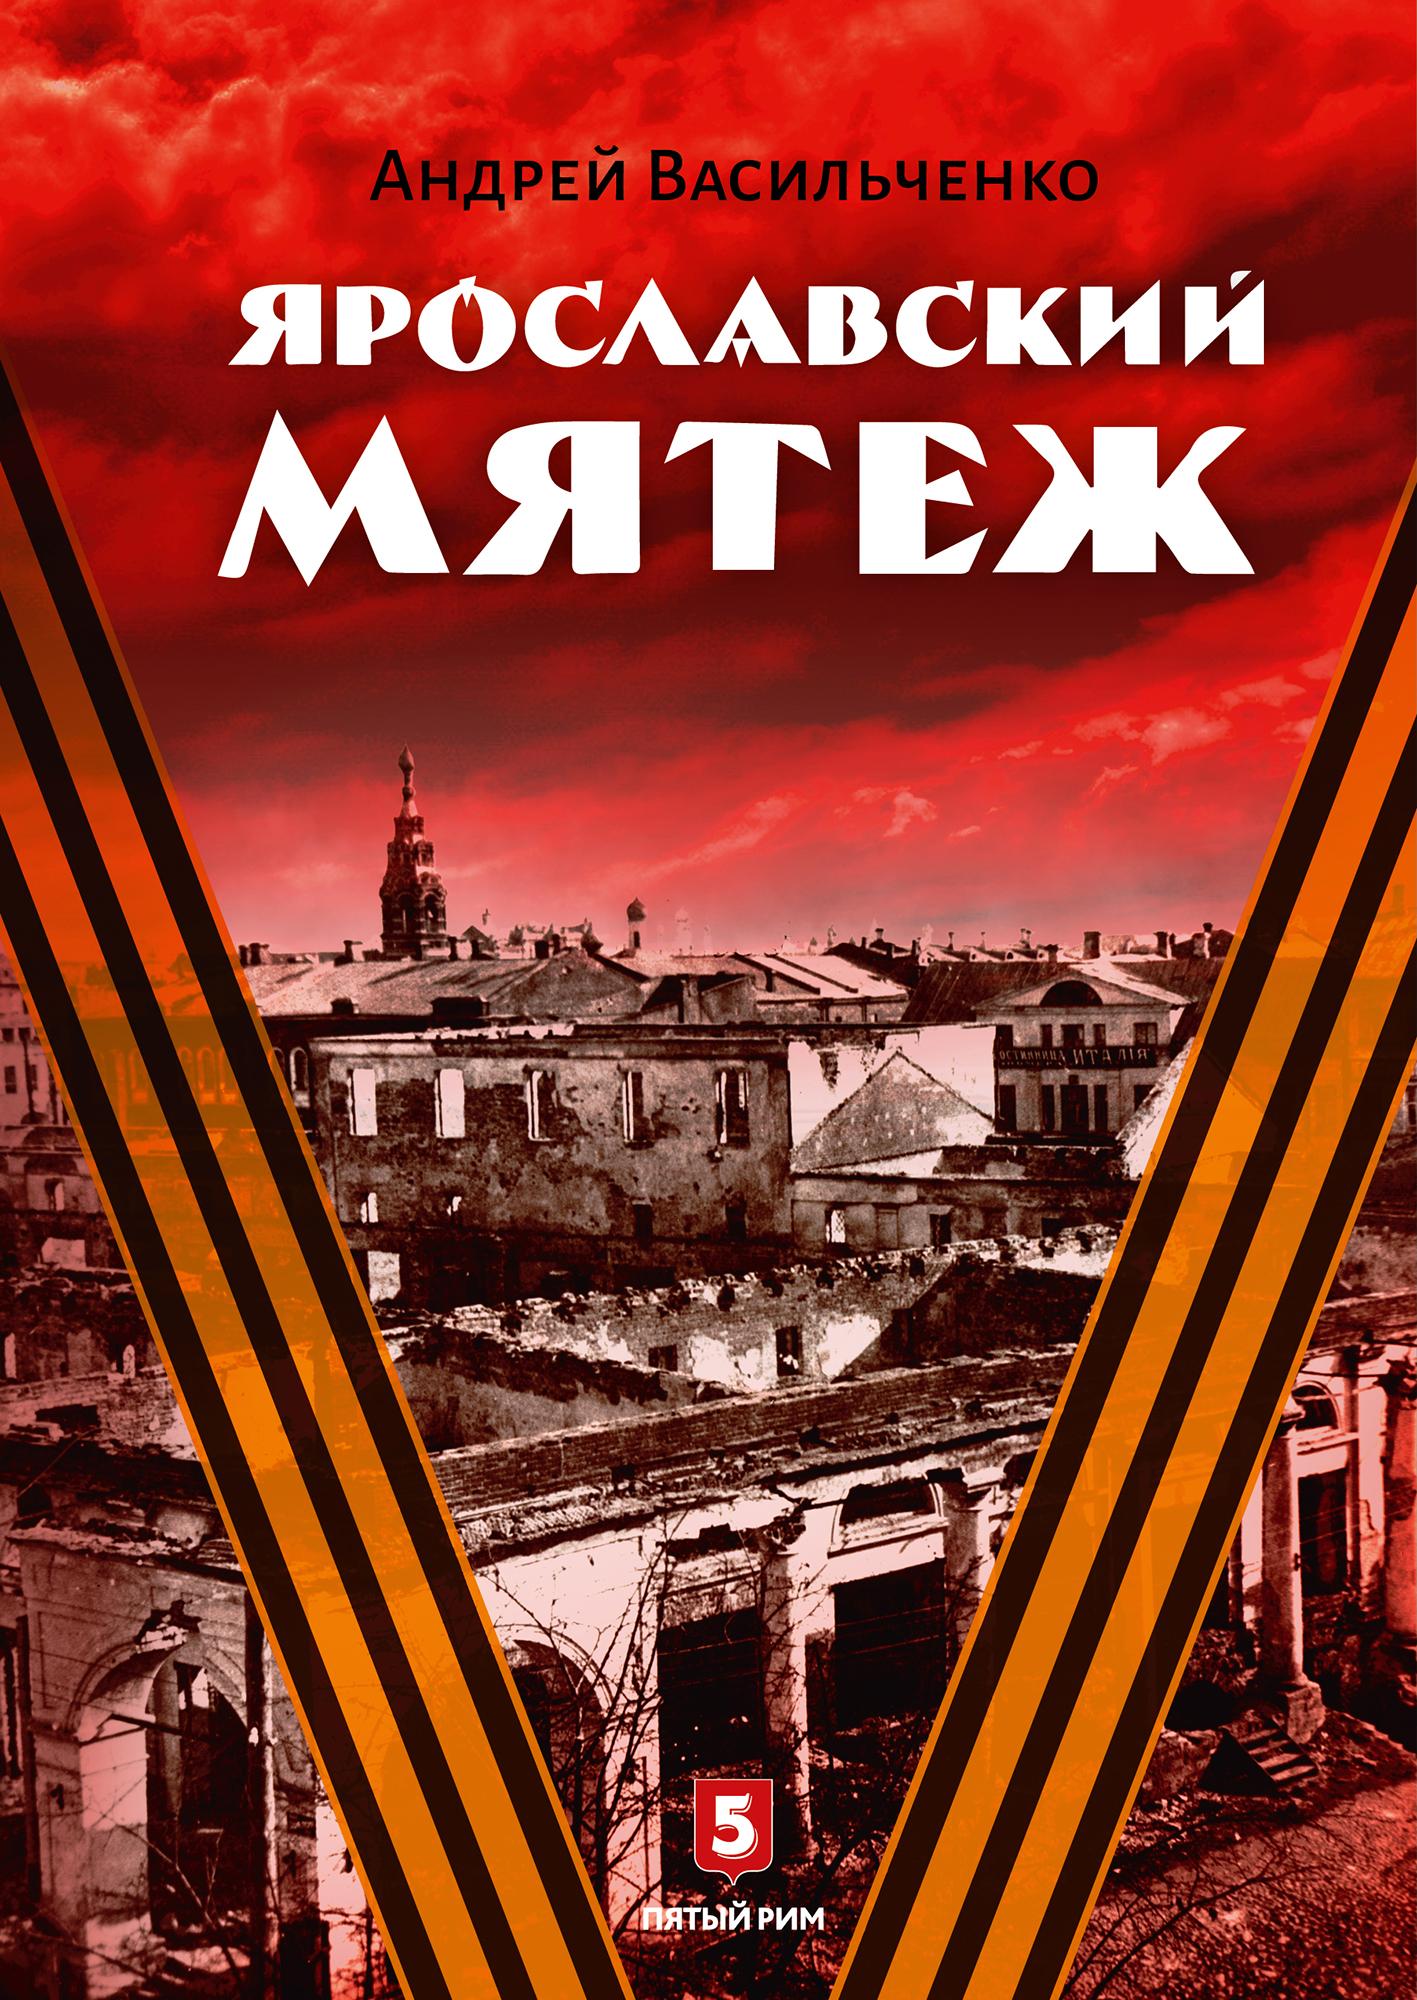 Купить книгу Ярославский мятеж, автора Андрея Васильченко